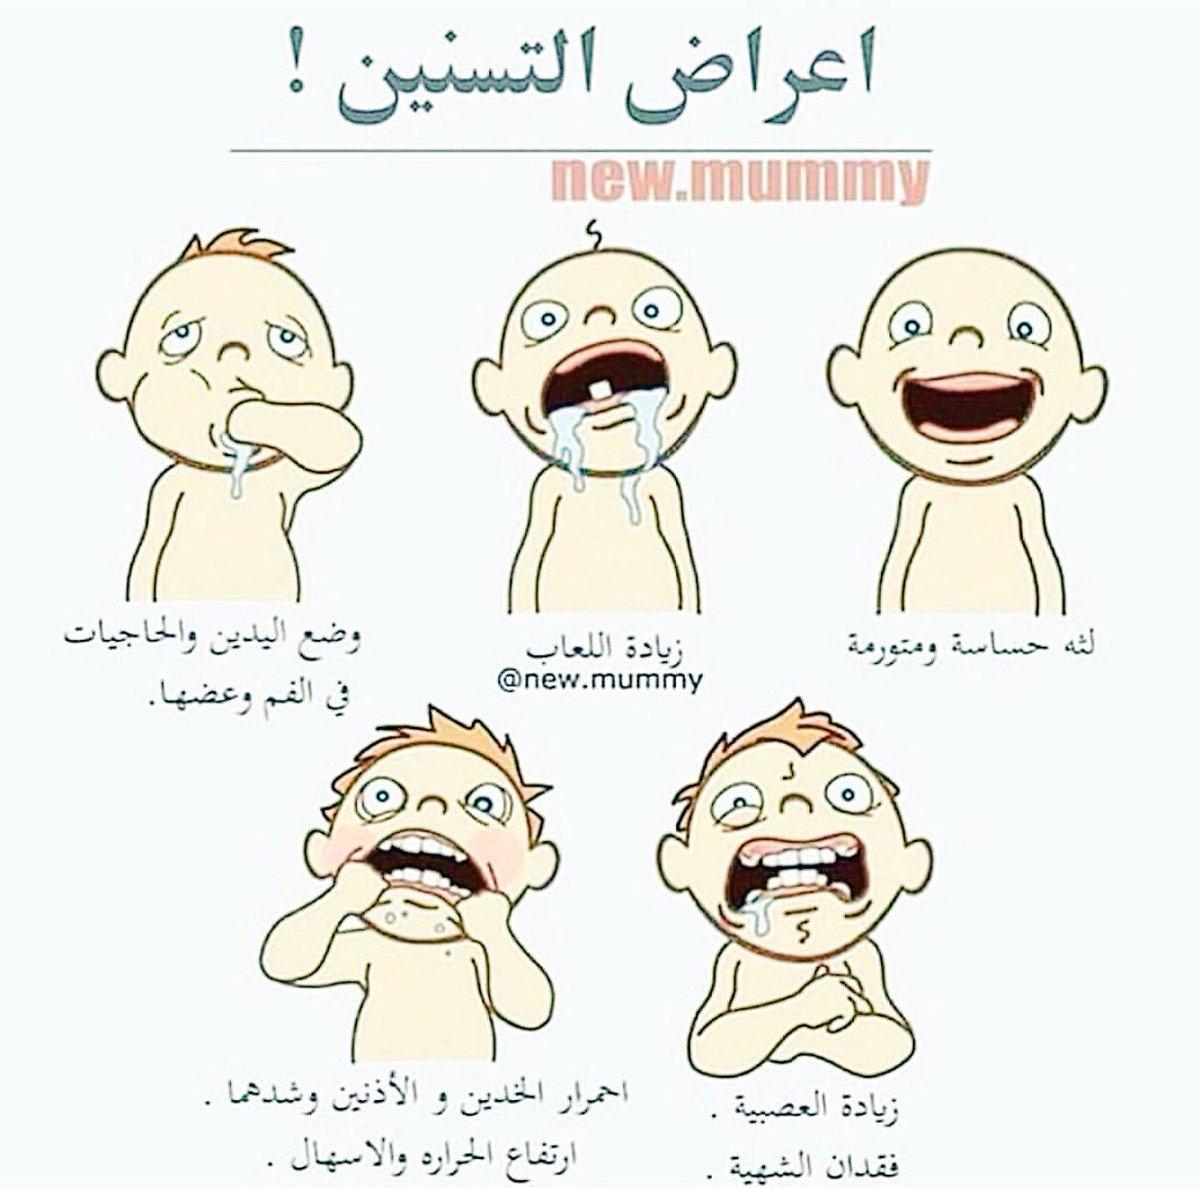 Dt Saleh Alamri On Twitter يبدأ تسنين الأطفال عند الشهر السادس وقد يتأخر حتى عمر سنة إذا لاحظت بعض هذه الأعراض ع طفلك فهي بداية ظهورها الحل شراء عضاضة أو جل